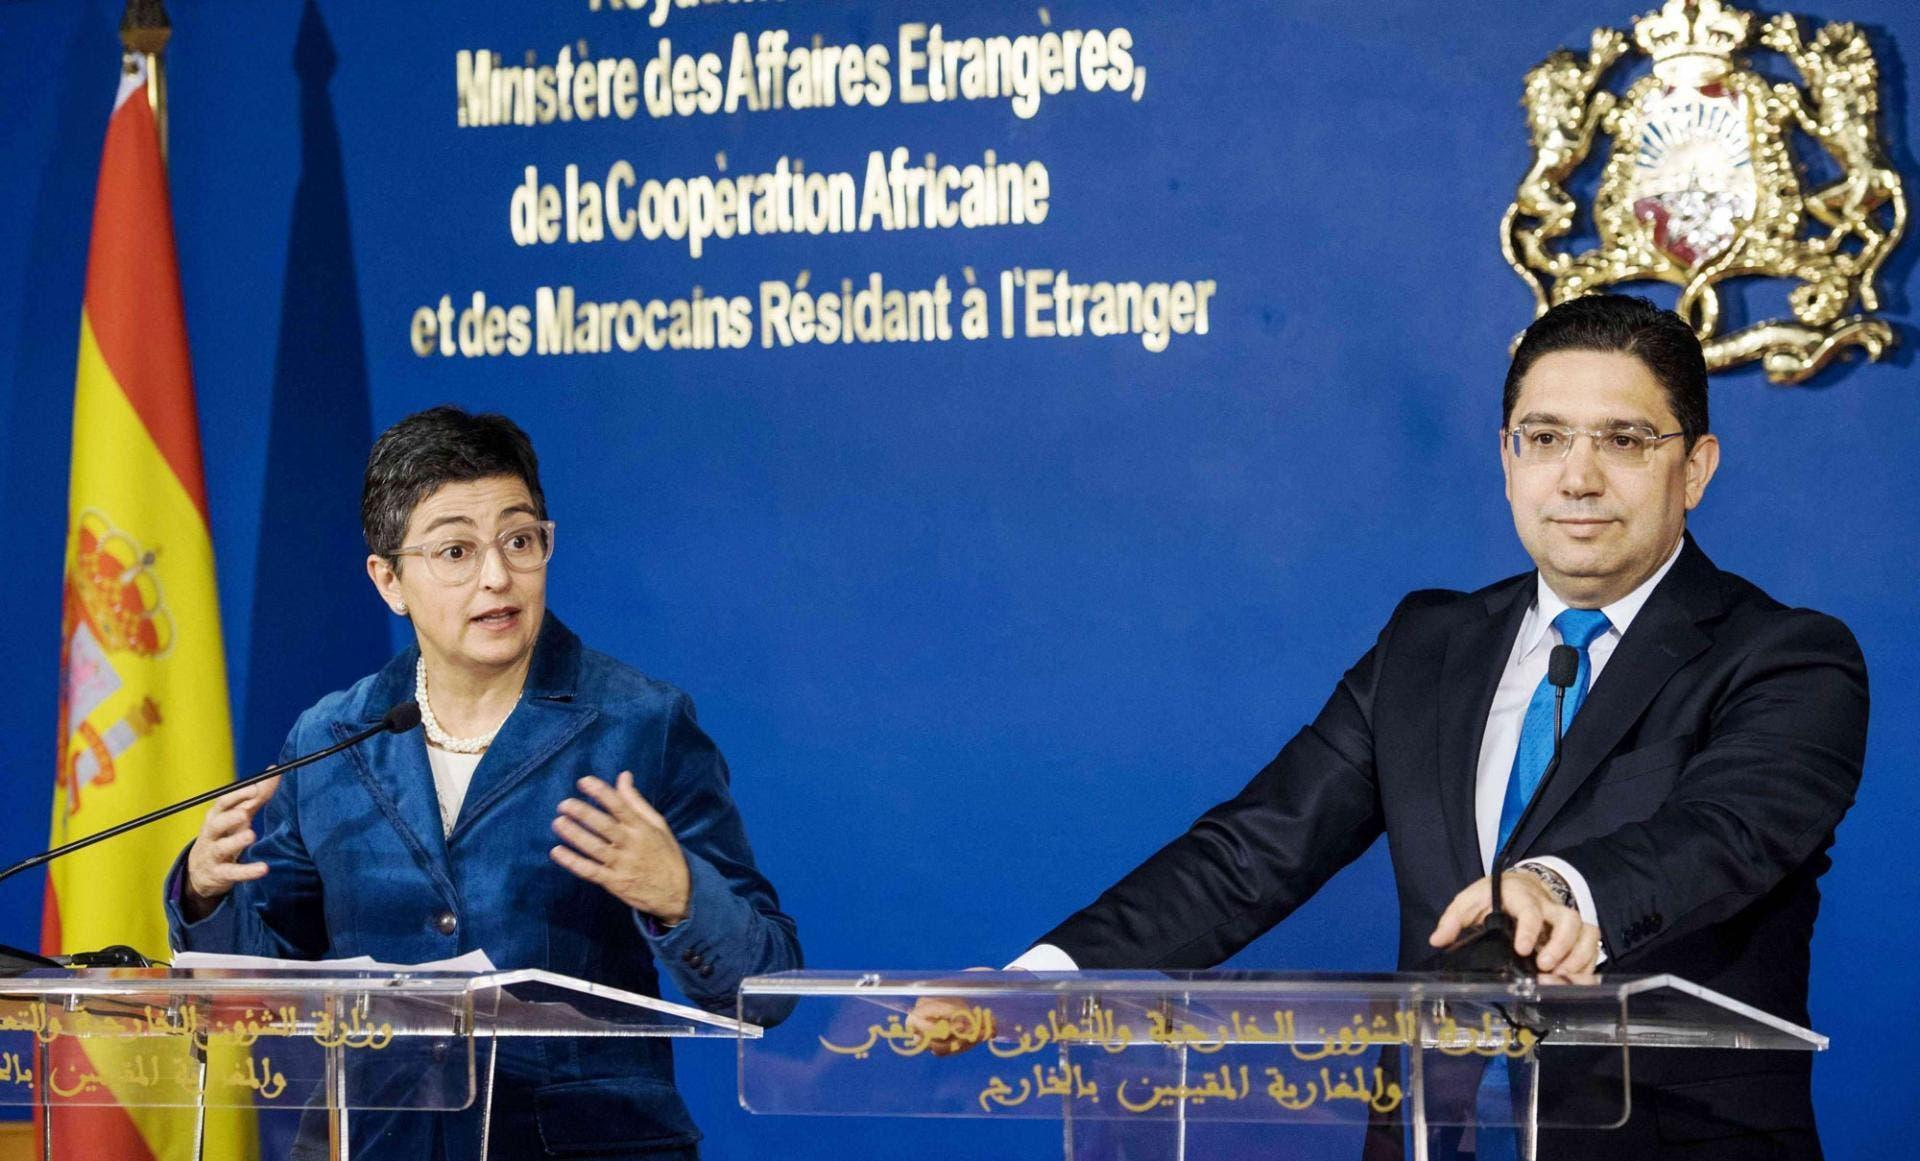 """برلمانية اسبانية: """"علاقاتنا مع المغرب تمر من أسوأ لحظاتها بسبب حكومة سانشيز"""""""